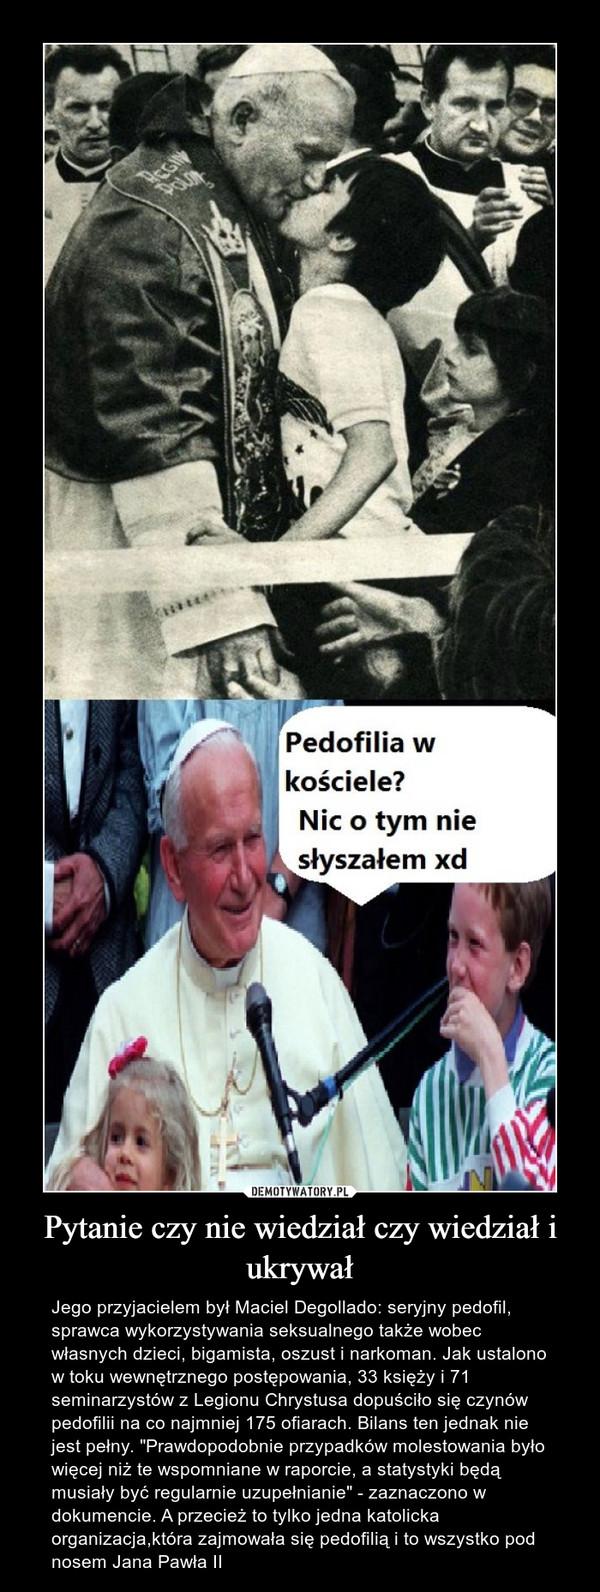 """Pytanie czy nie wiedział czy wiedział i ukrywał – Jego przyjacielem był Maciel Degollado: seryjny pedofil, sprawca wykorzystywania seksualnego także wobec własnych dzieci, bigamista, oszust i narkoman. Jak ustalono w toku wewnętrznego postępowania, 33 księży i 71 seminarzystów z Legionu Chrystusa dopuściło się czynów pedofilii na co najmniej 175 ofiarach. Bilans ten jednak nie jest pełny. """"Prawdopodobnie przypadków molestowania było więcej niż te wspomniane w raporcie, a statystyki będą musiały być regularnie uzupełnianie"""" - zaznaczono w dokumencie. A przecież to tylko jedna katolicka organizacja,która zajmowała się pedofilią i to wszystko pod nosem Jana Pawła II"""